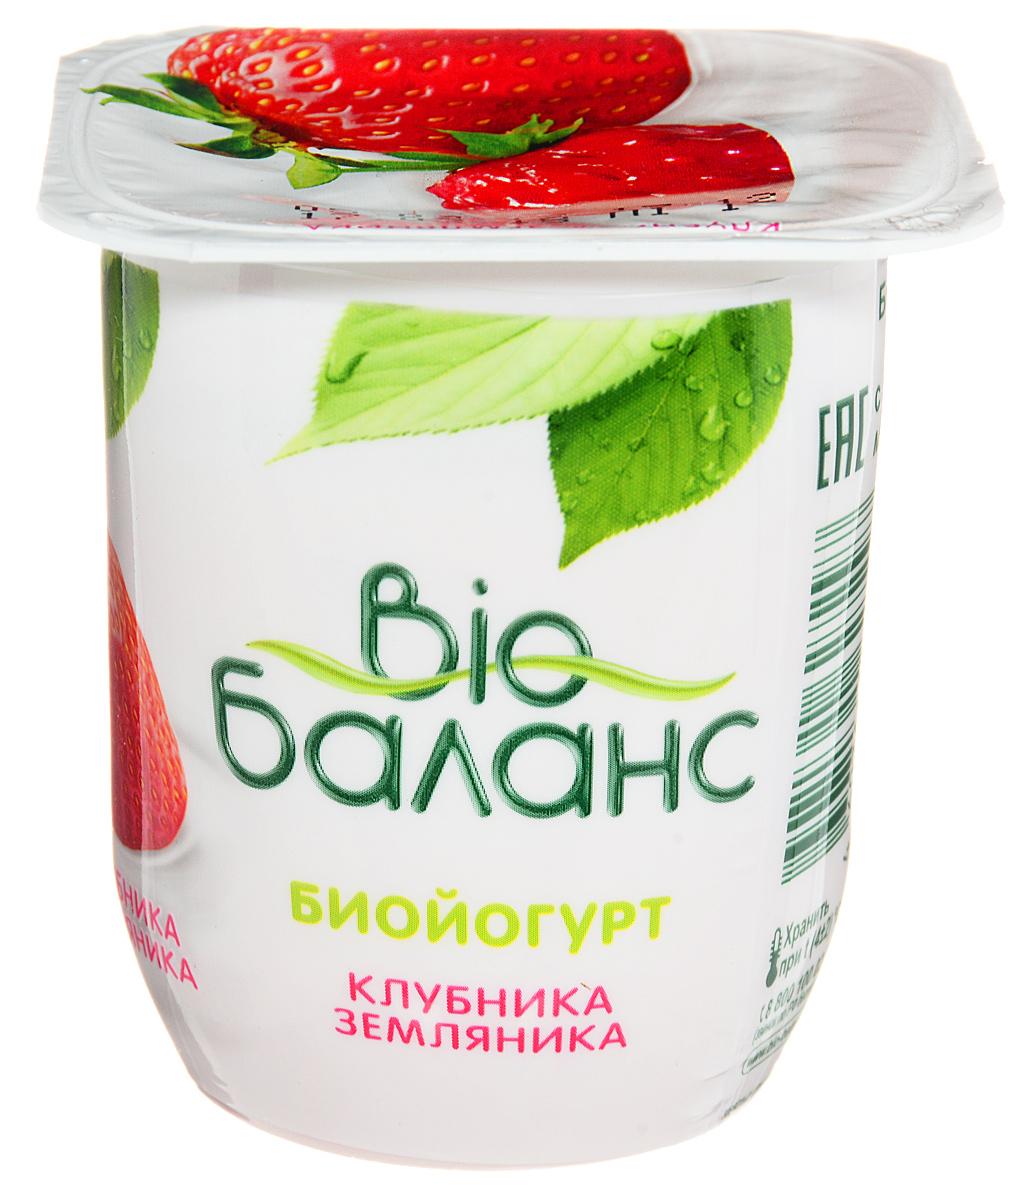 Био-Баланс Биойогурт Клубника земляника Персик банан 2,8%, 125 г сибирские отруби хрустящие сила ягод 100 г